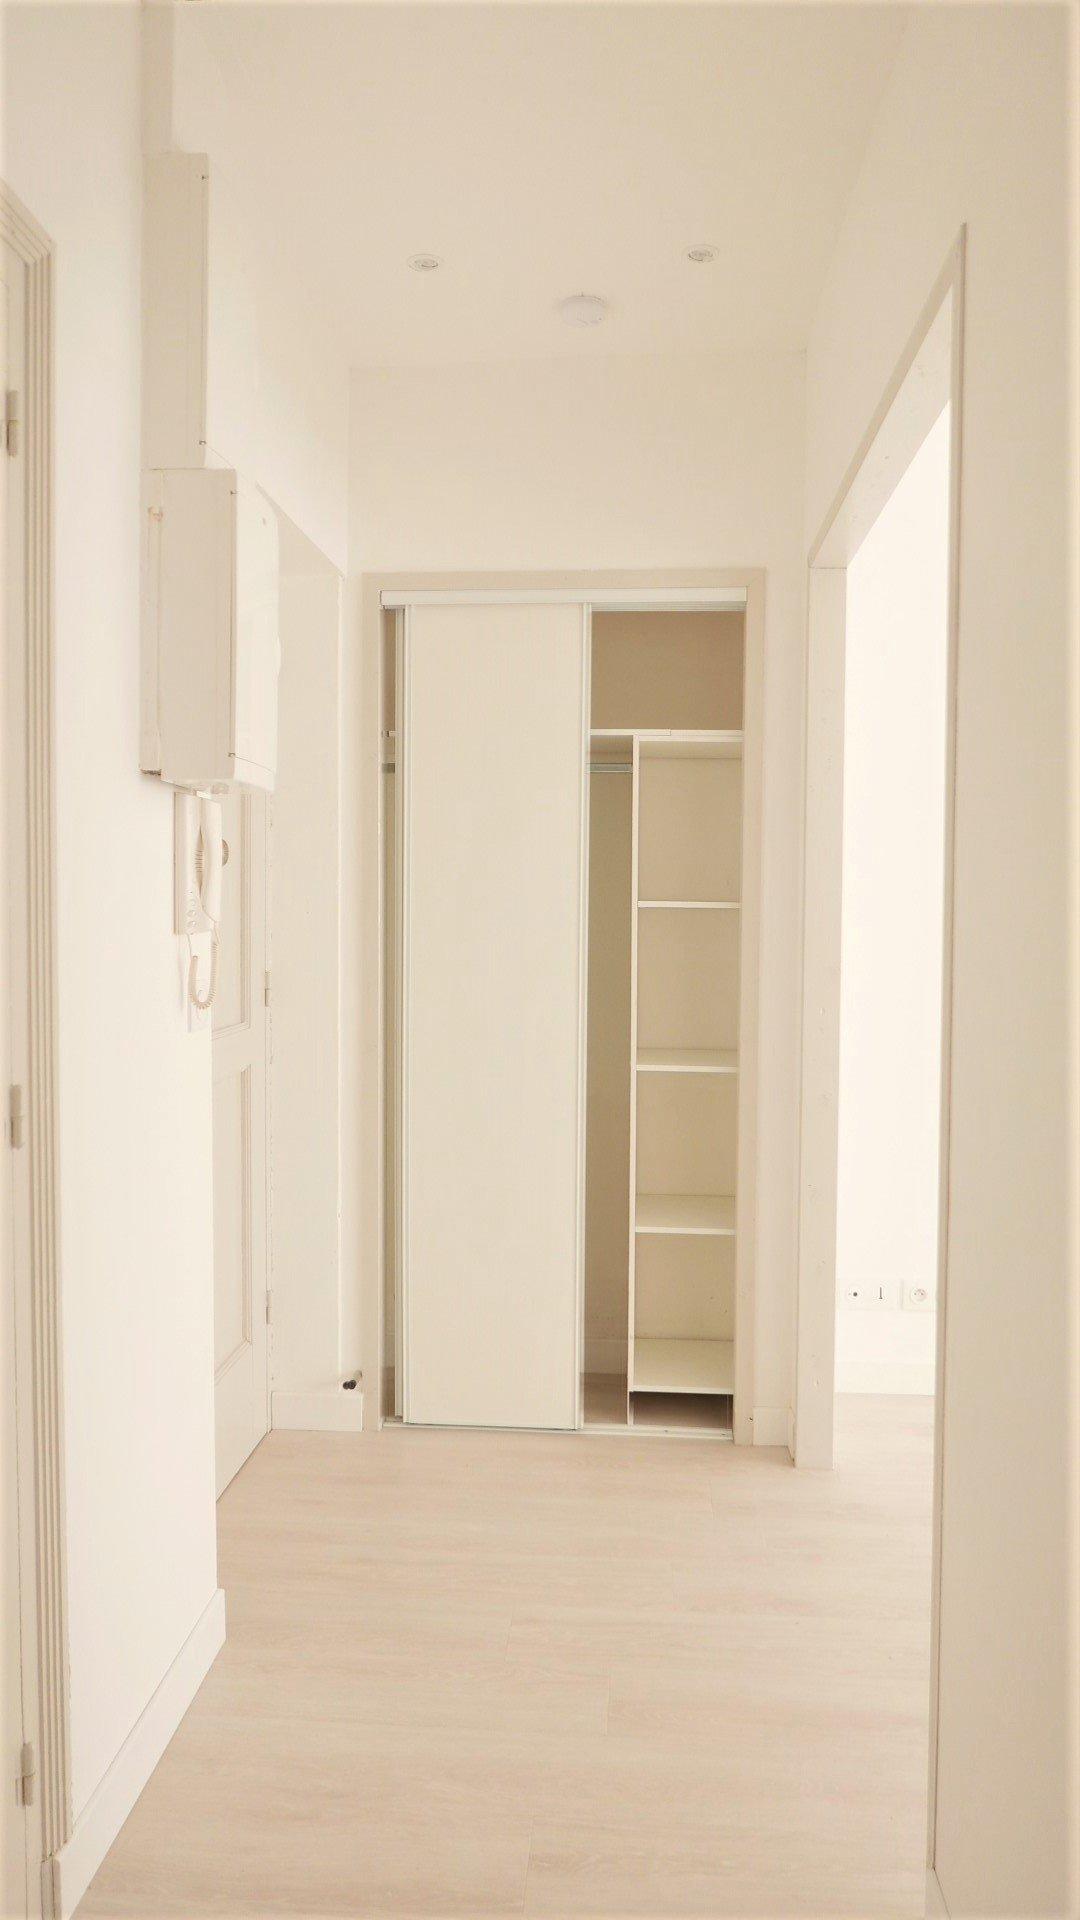 Location Appartement, Surface de 34.02 m², 2 pièces, Lyon 6ème (69006)